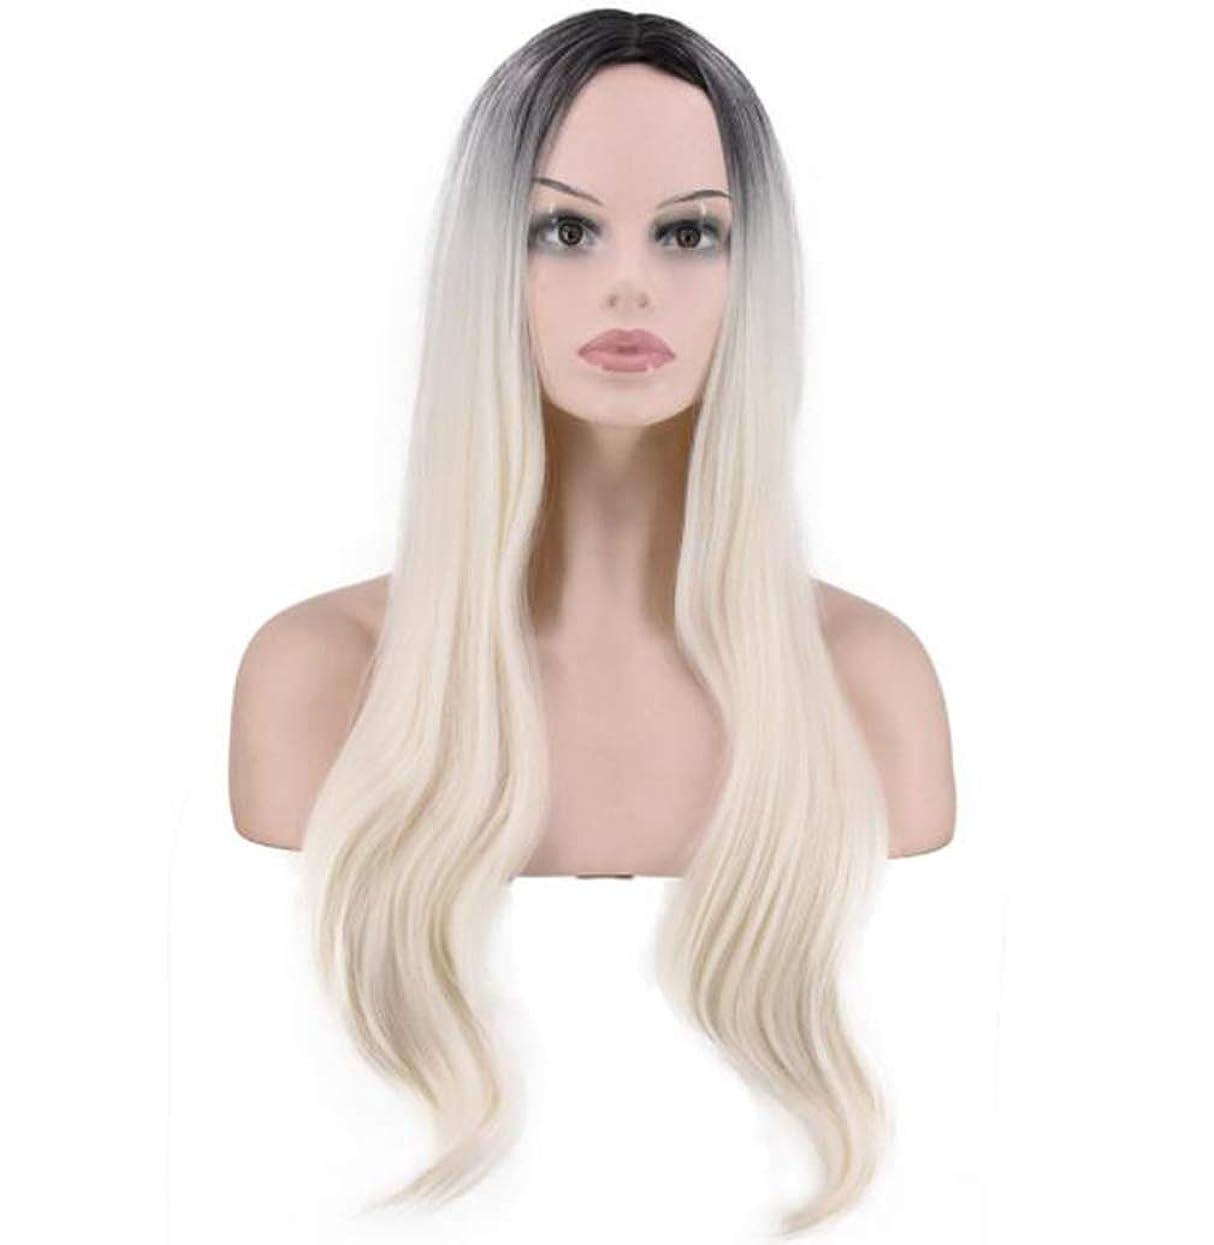 チューブそばにオープナーかつらゴールドグラデーション長い縮毛服スーツ女性の長い縮毛花ドレスブロンドコスプレパーティー衣類女性のかつら